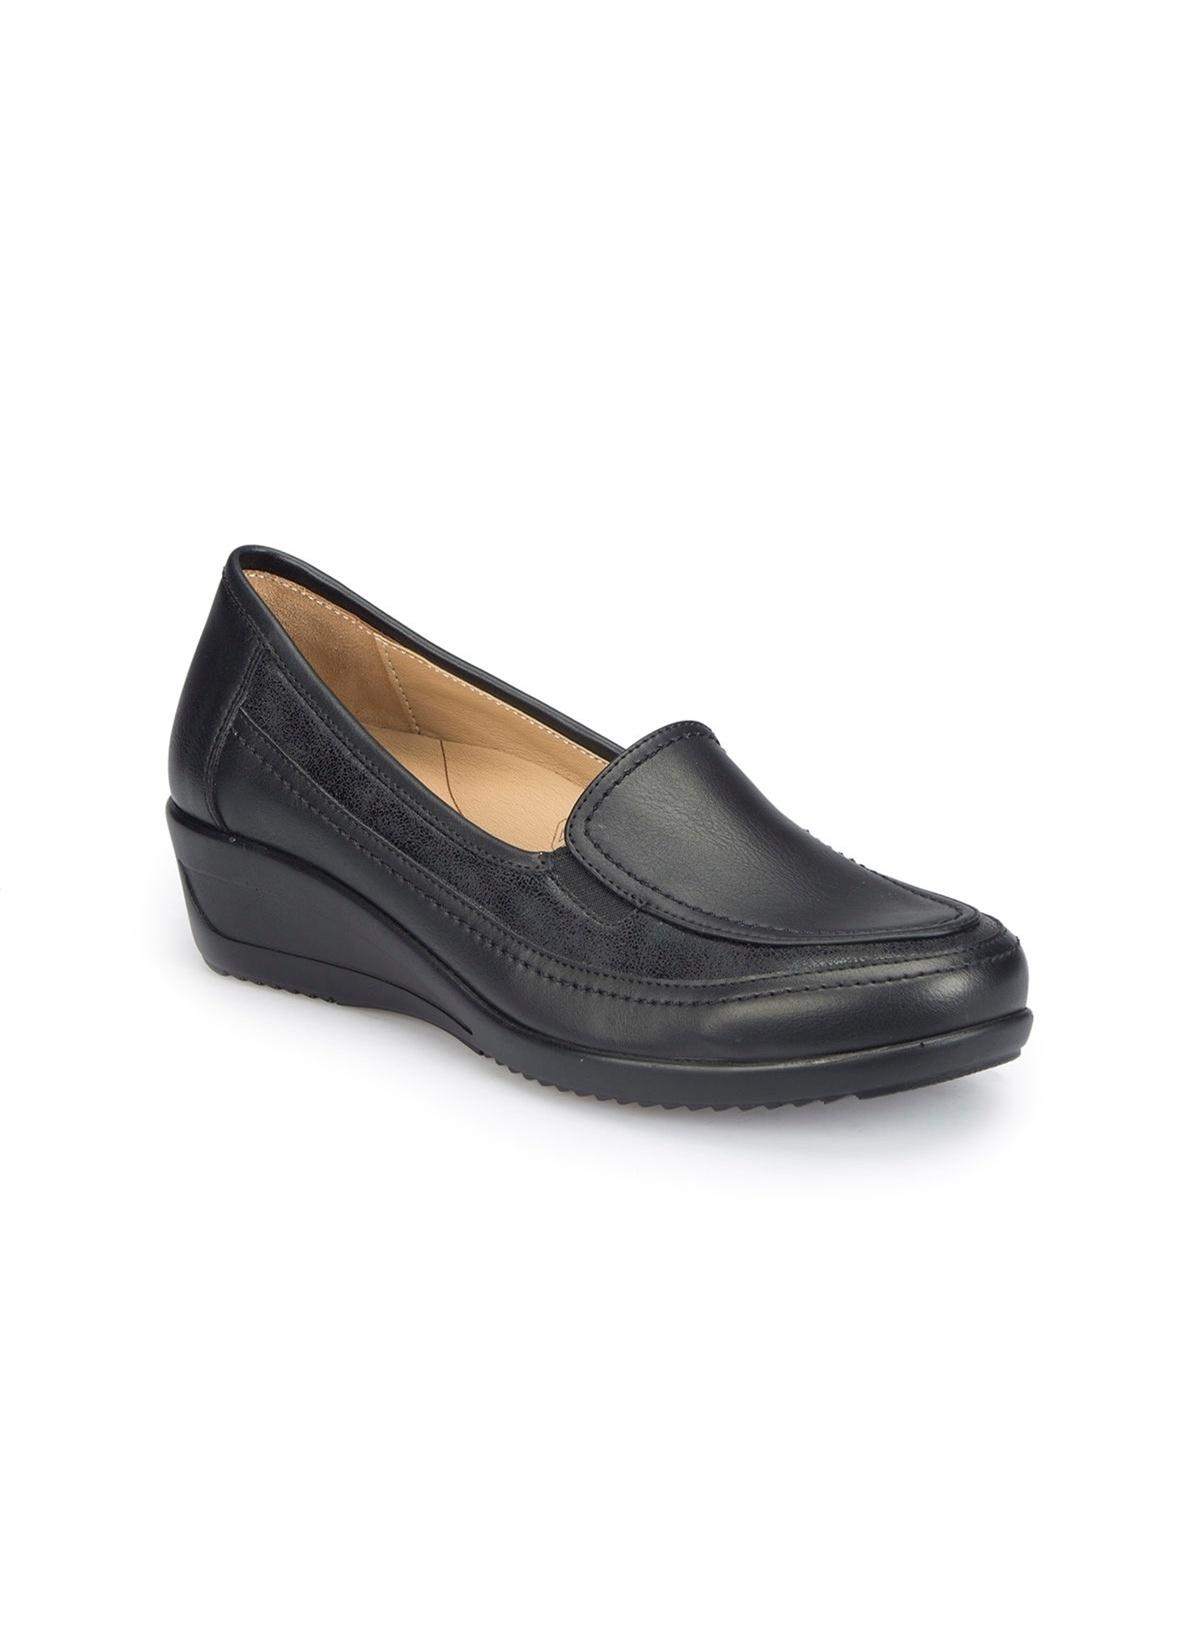 Polaris Ayakkabı 81.111014.z Basic Comfort – 69.99 TL